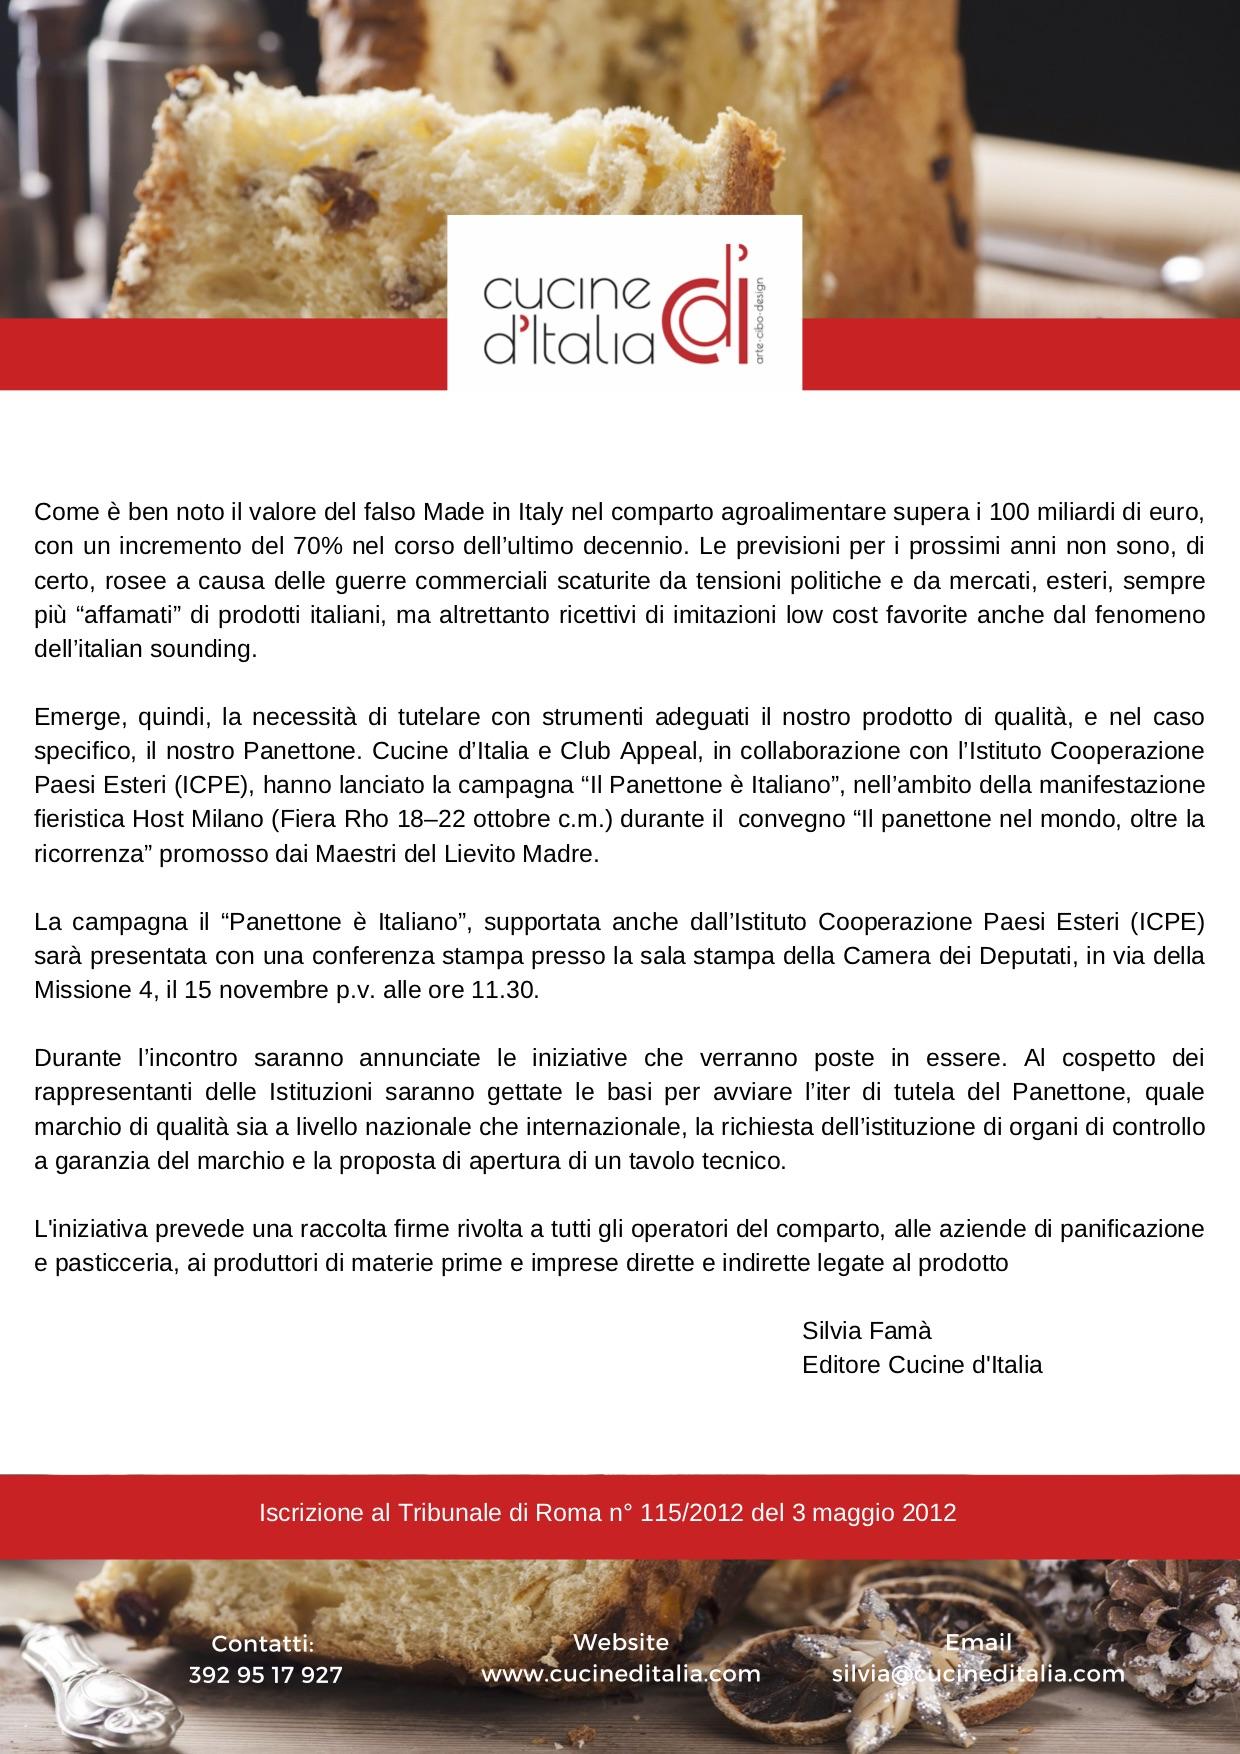 presentazione-il-panettone-e-italiano-1